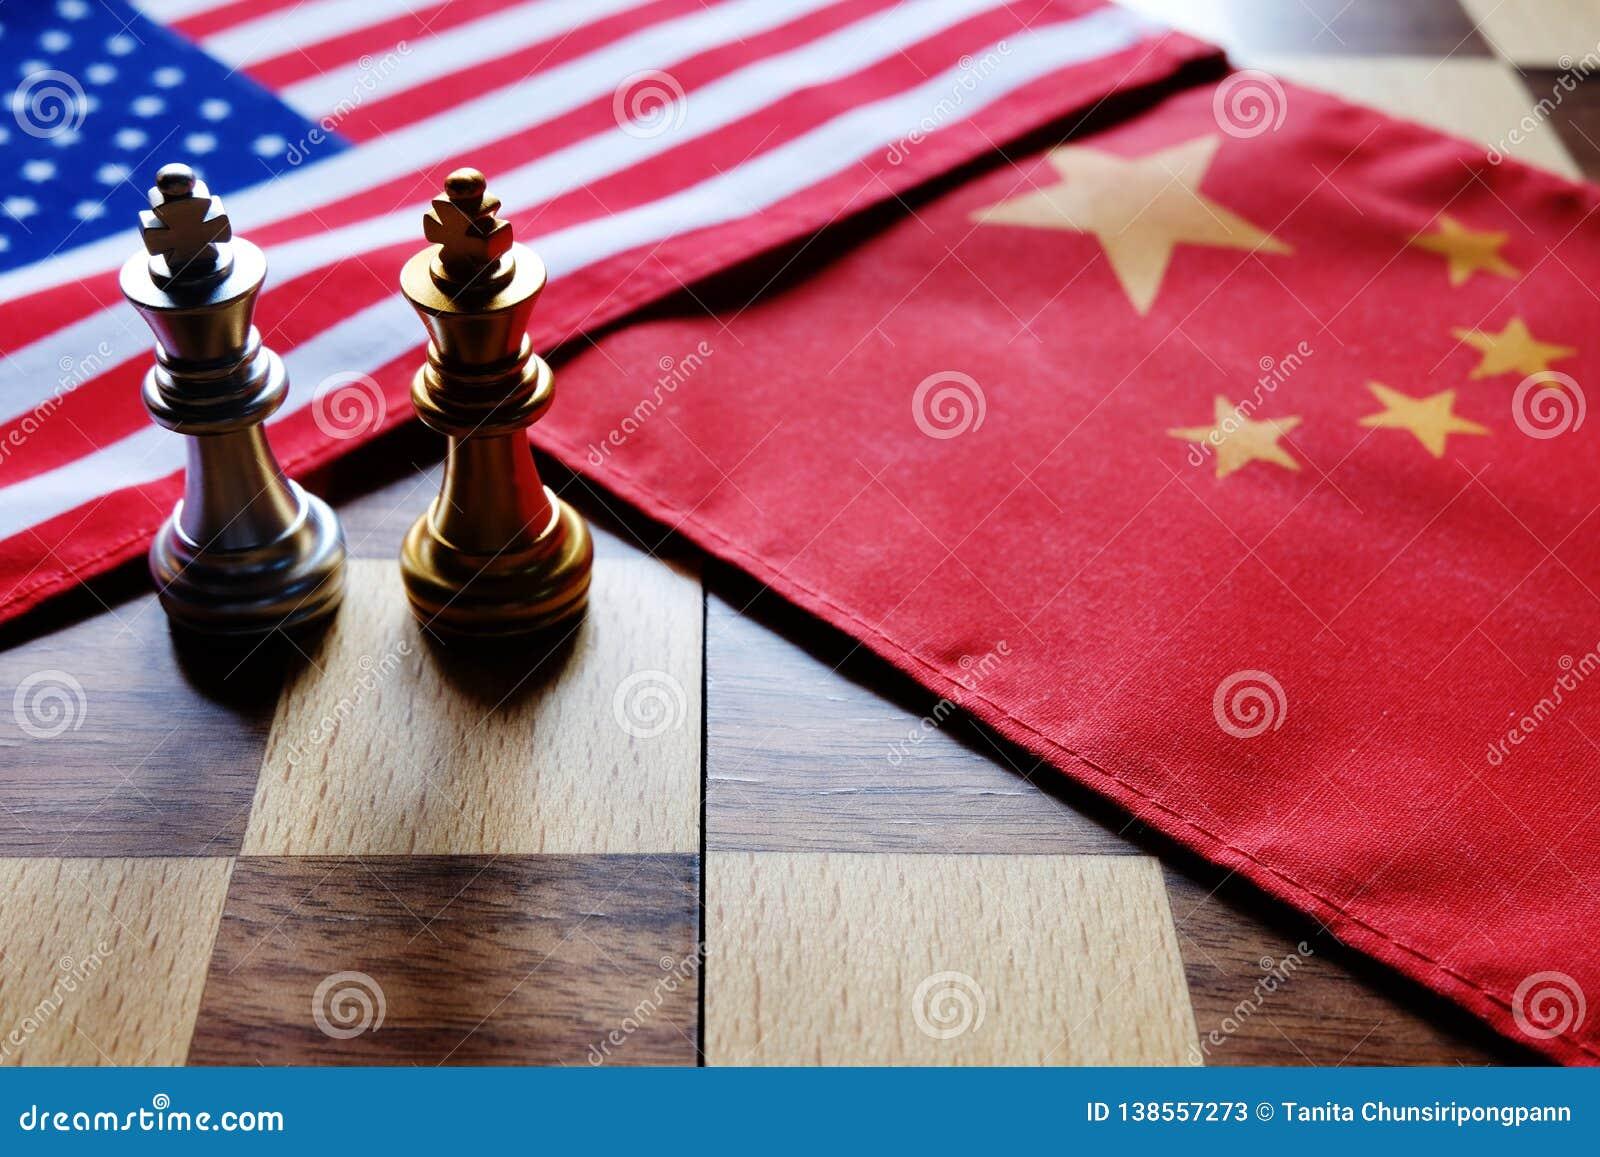 Παιχνίδι σκακιού Δύο βασιλιάδες πρόσωπο με πρόσωπο στις κινεζικές και αμερικανικές εθνικές σημαίες Εμπορικός πόλεμος και σύγκρουσ